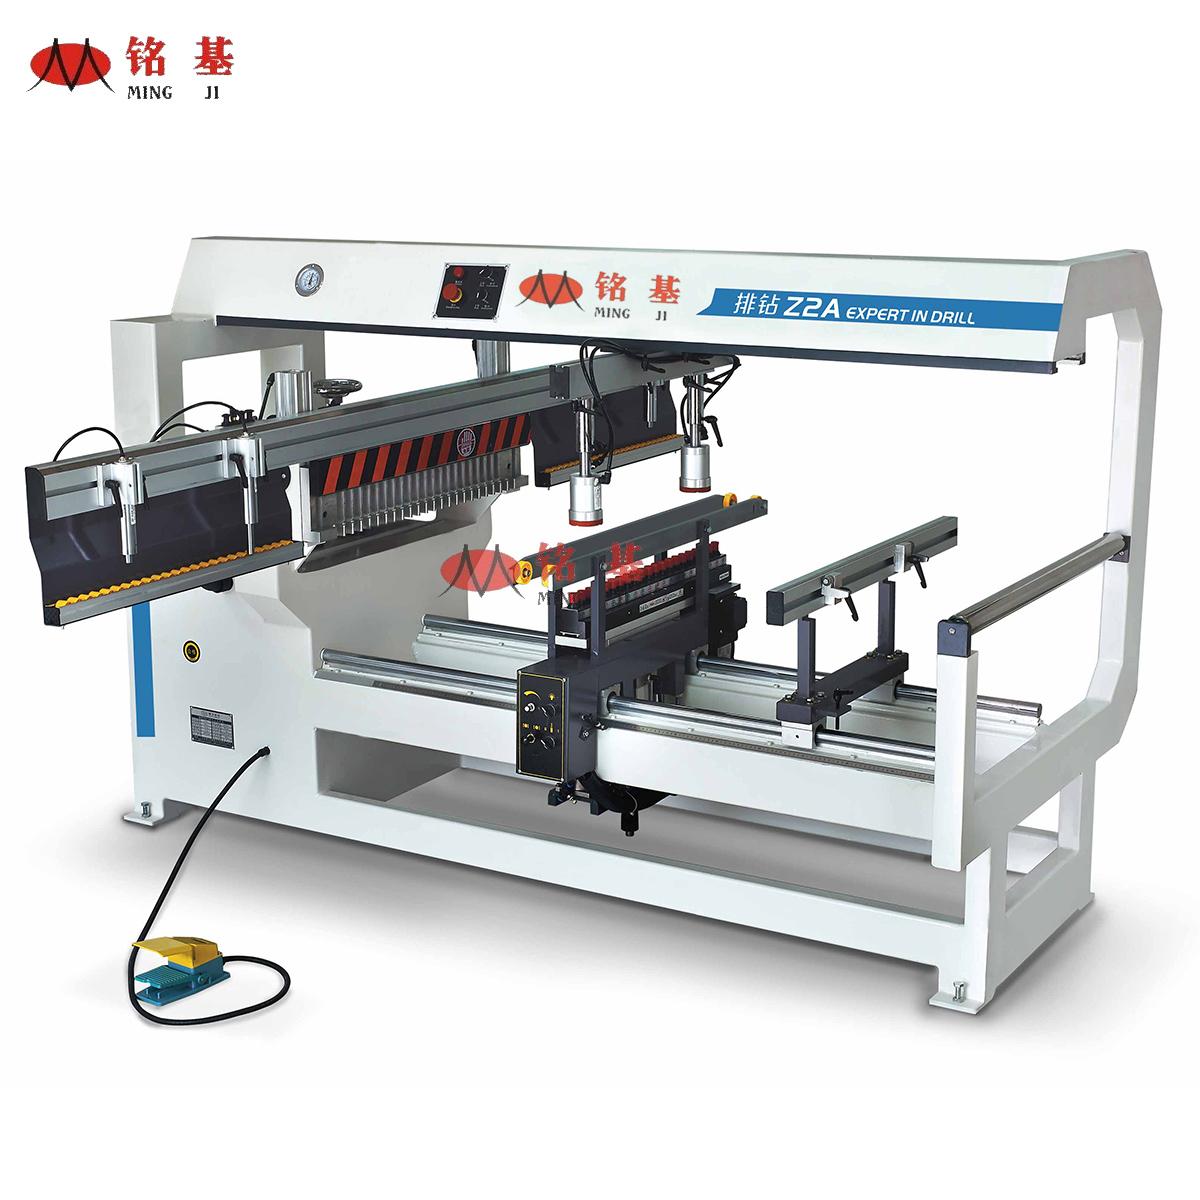 铭基机械-MZB73212C木工二排钻